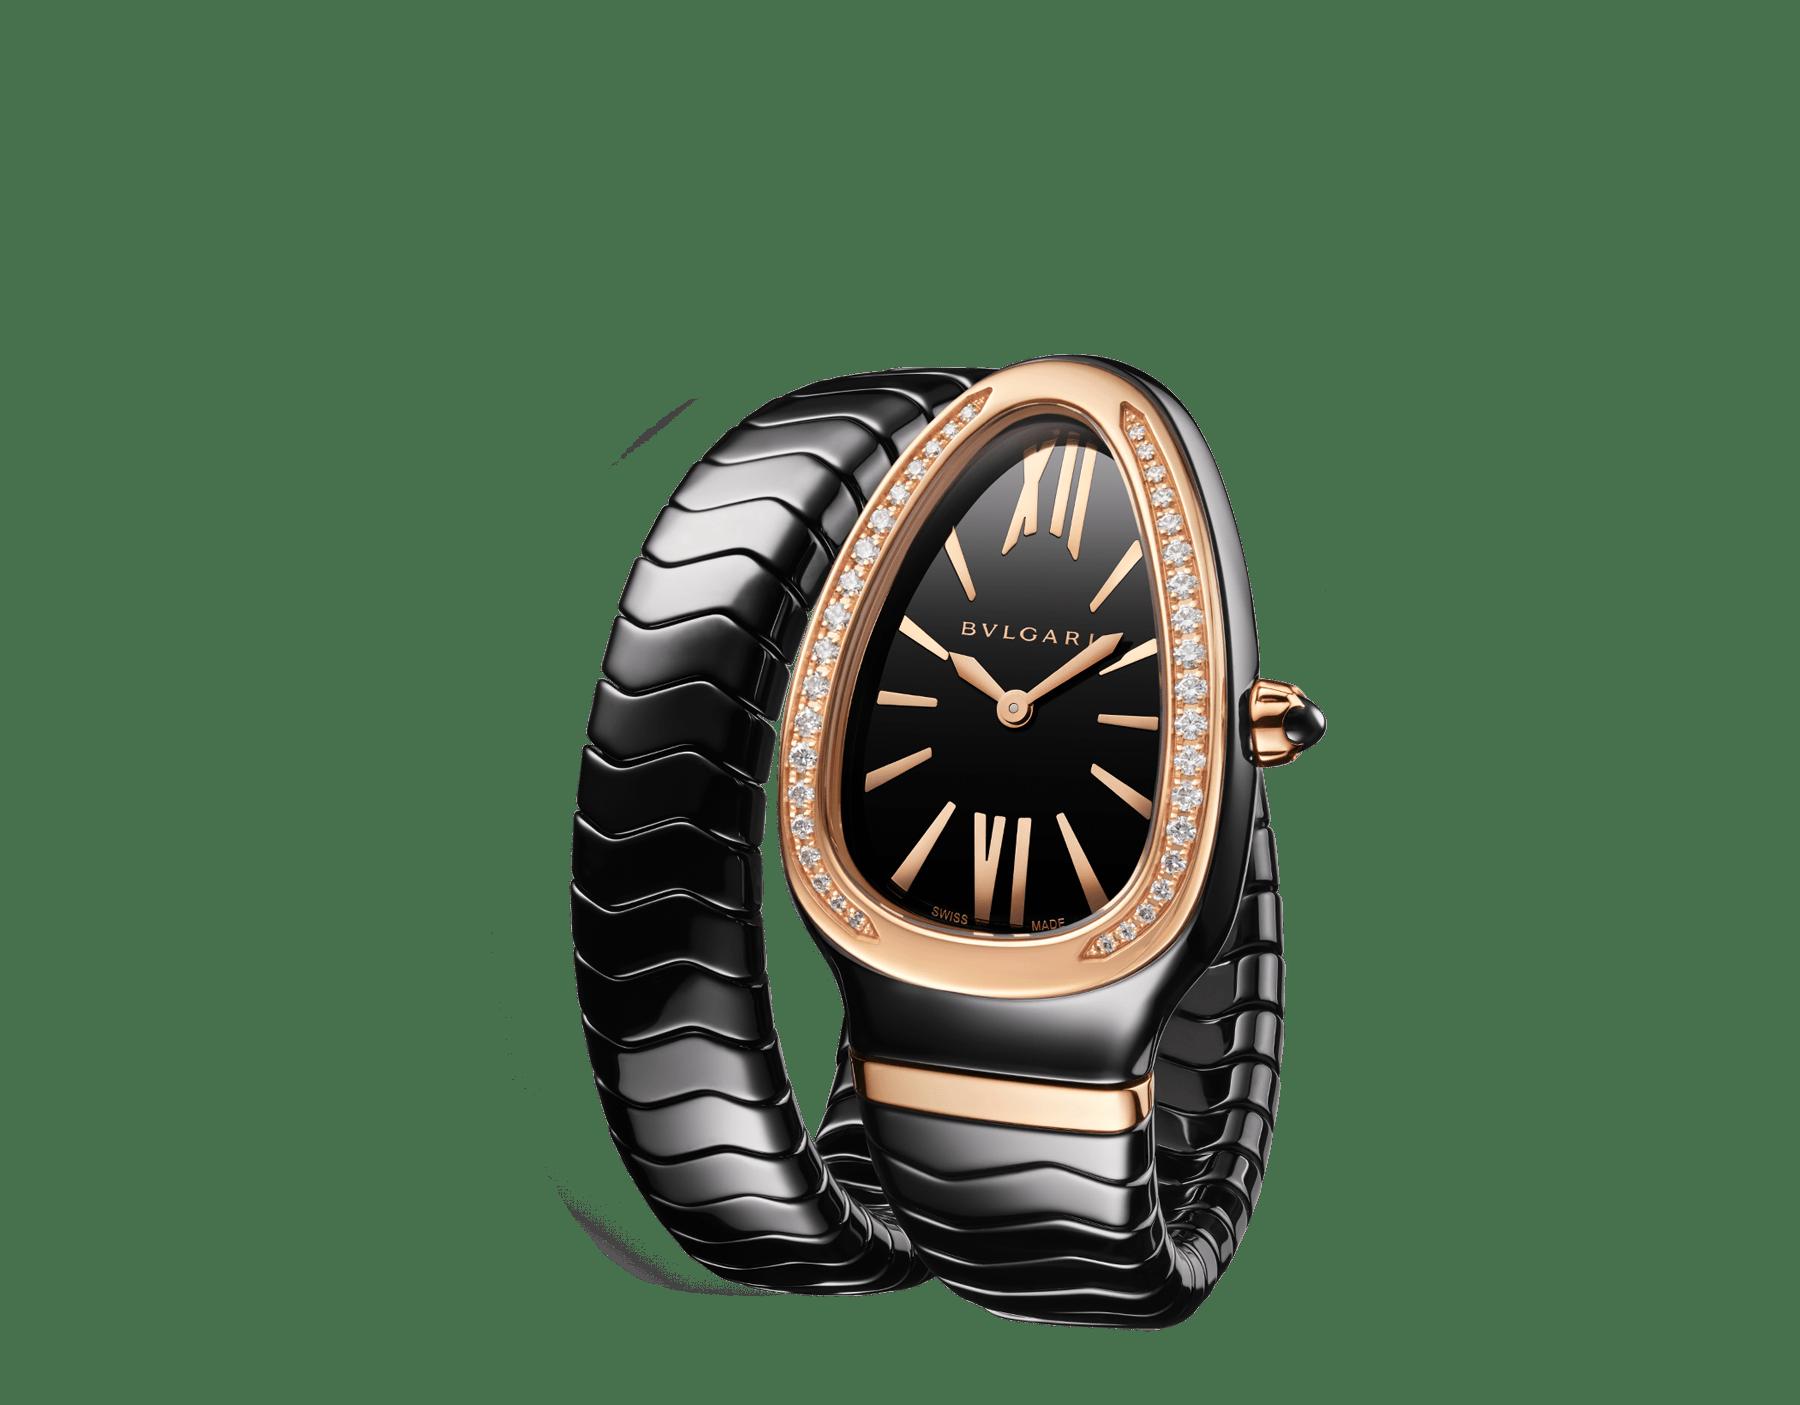 Montre Serpenti Spiga avec boîtier en céramique noire, lunette en or rose 18K sertie de diamants taille brillant, cadran laqué noir, bracelet une spirale en céramique noire avec éléments en or rose 18K. 102532 image 2